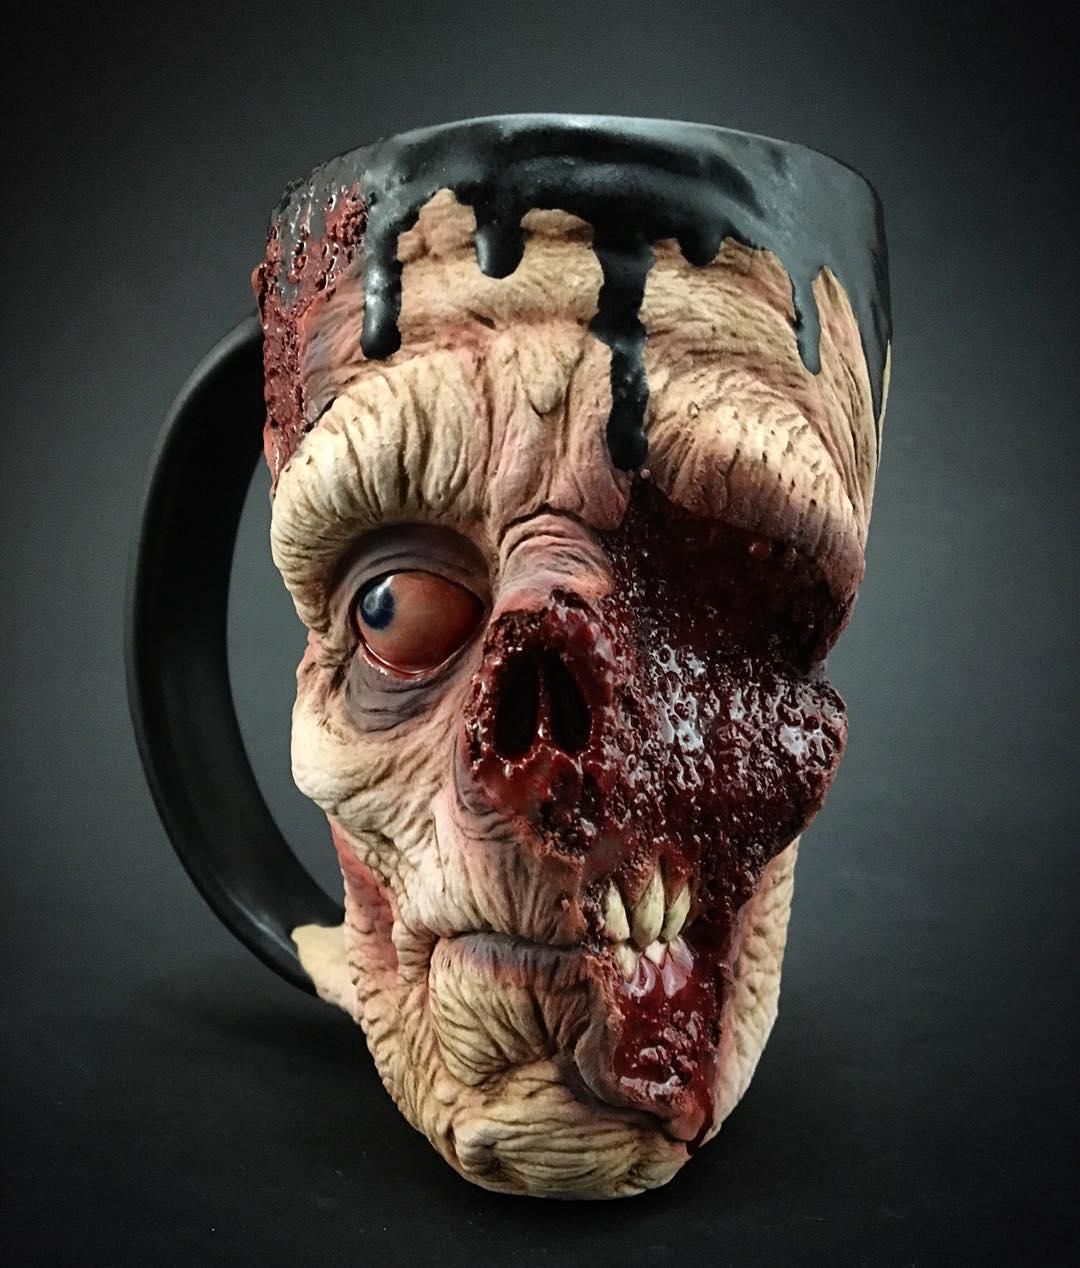 horror-zombie-mug-pottery-slow-joe-kevin-turkey-merck-2